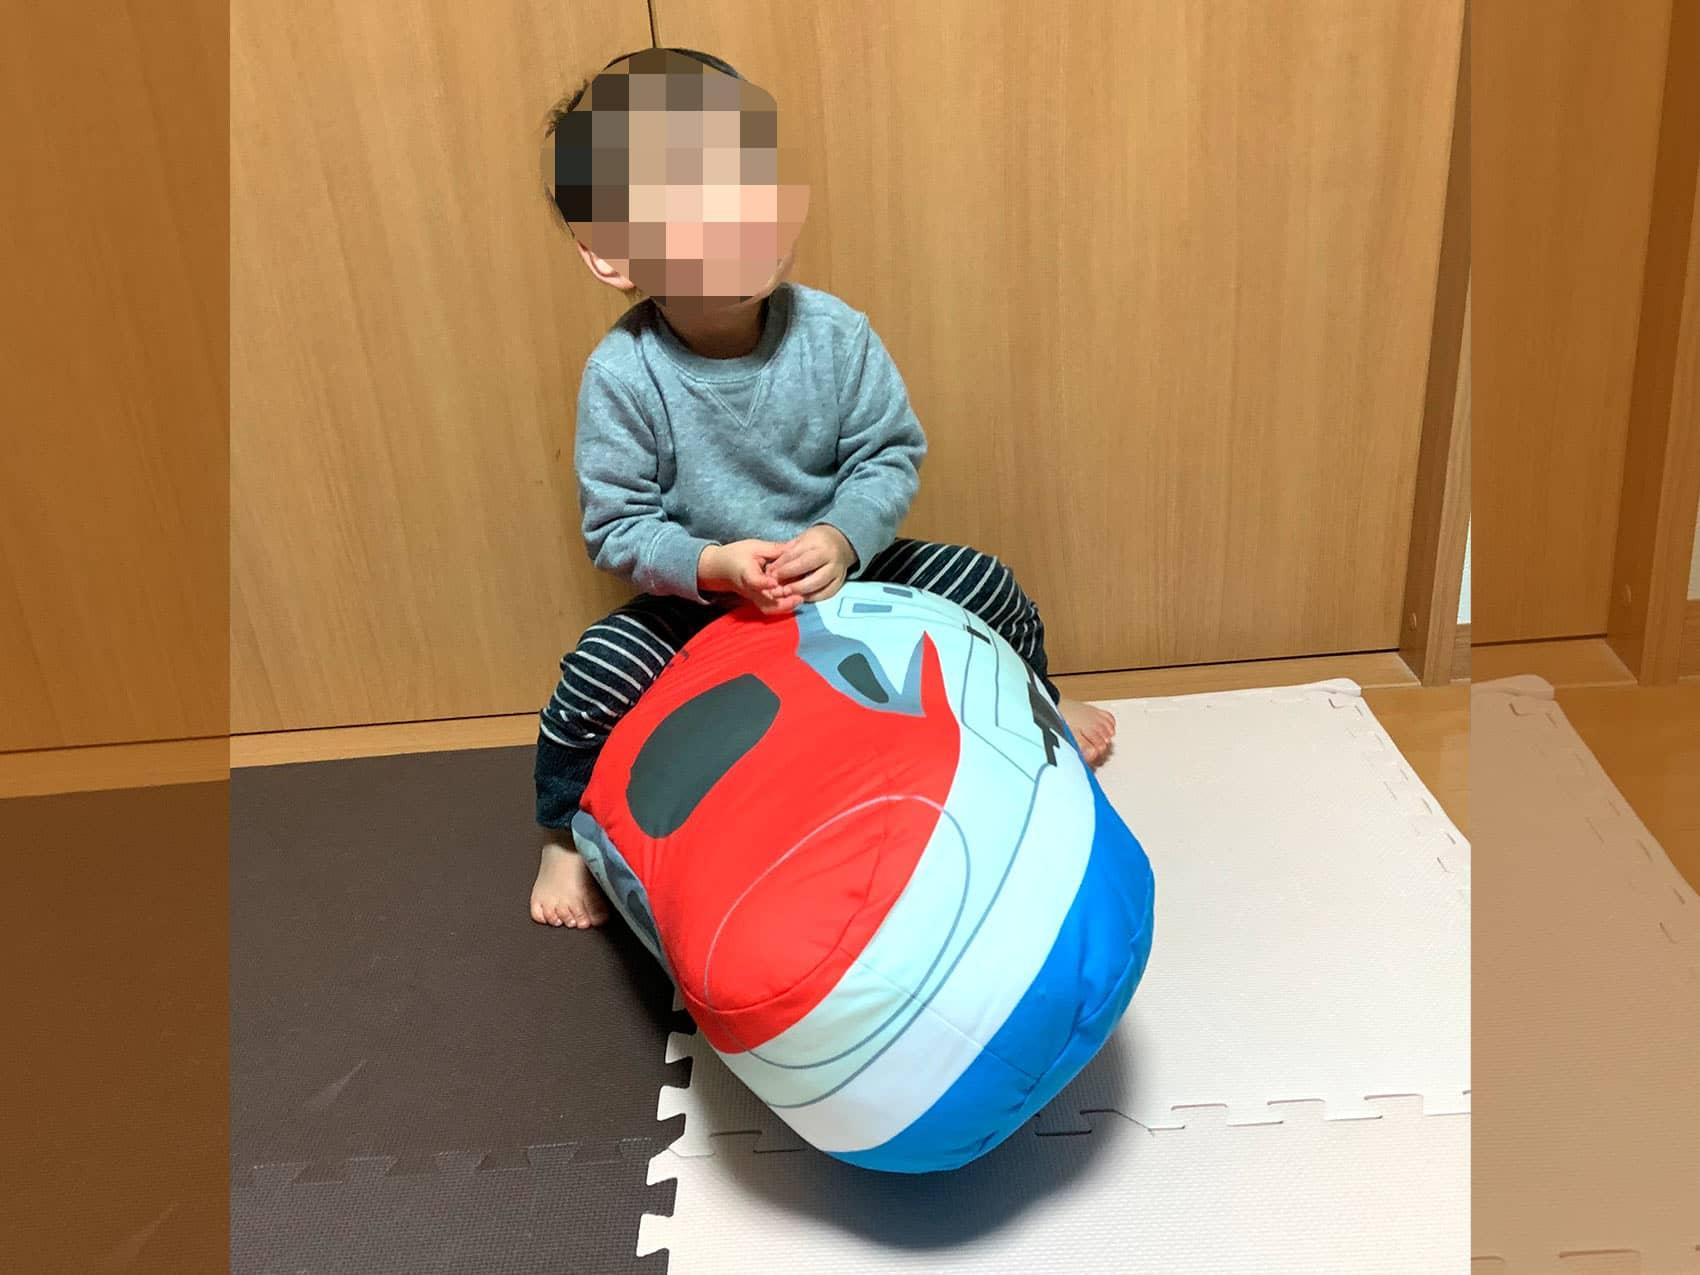 新幹線抱き枕にまたがる子供